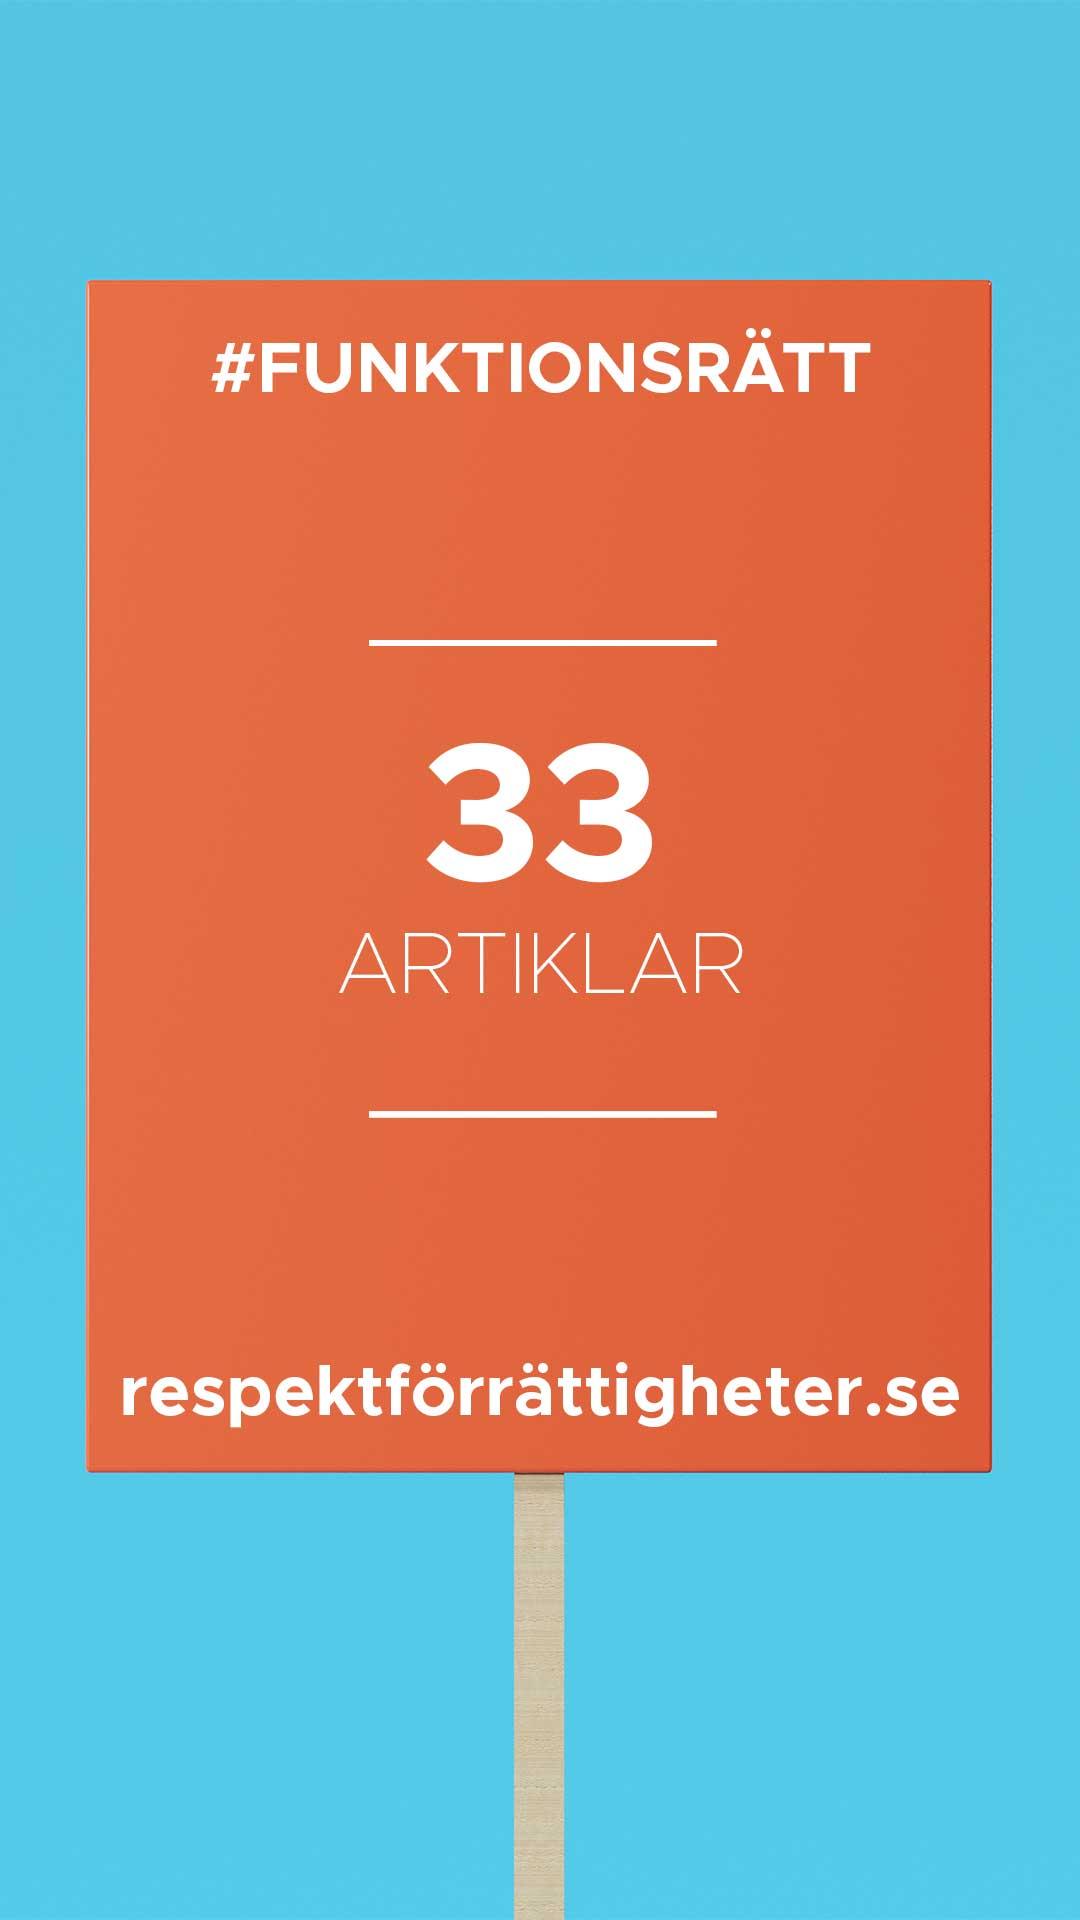 protestplakat med text: funktionsrätt, 33 artiklar, repsektförrättigheter.se